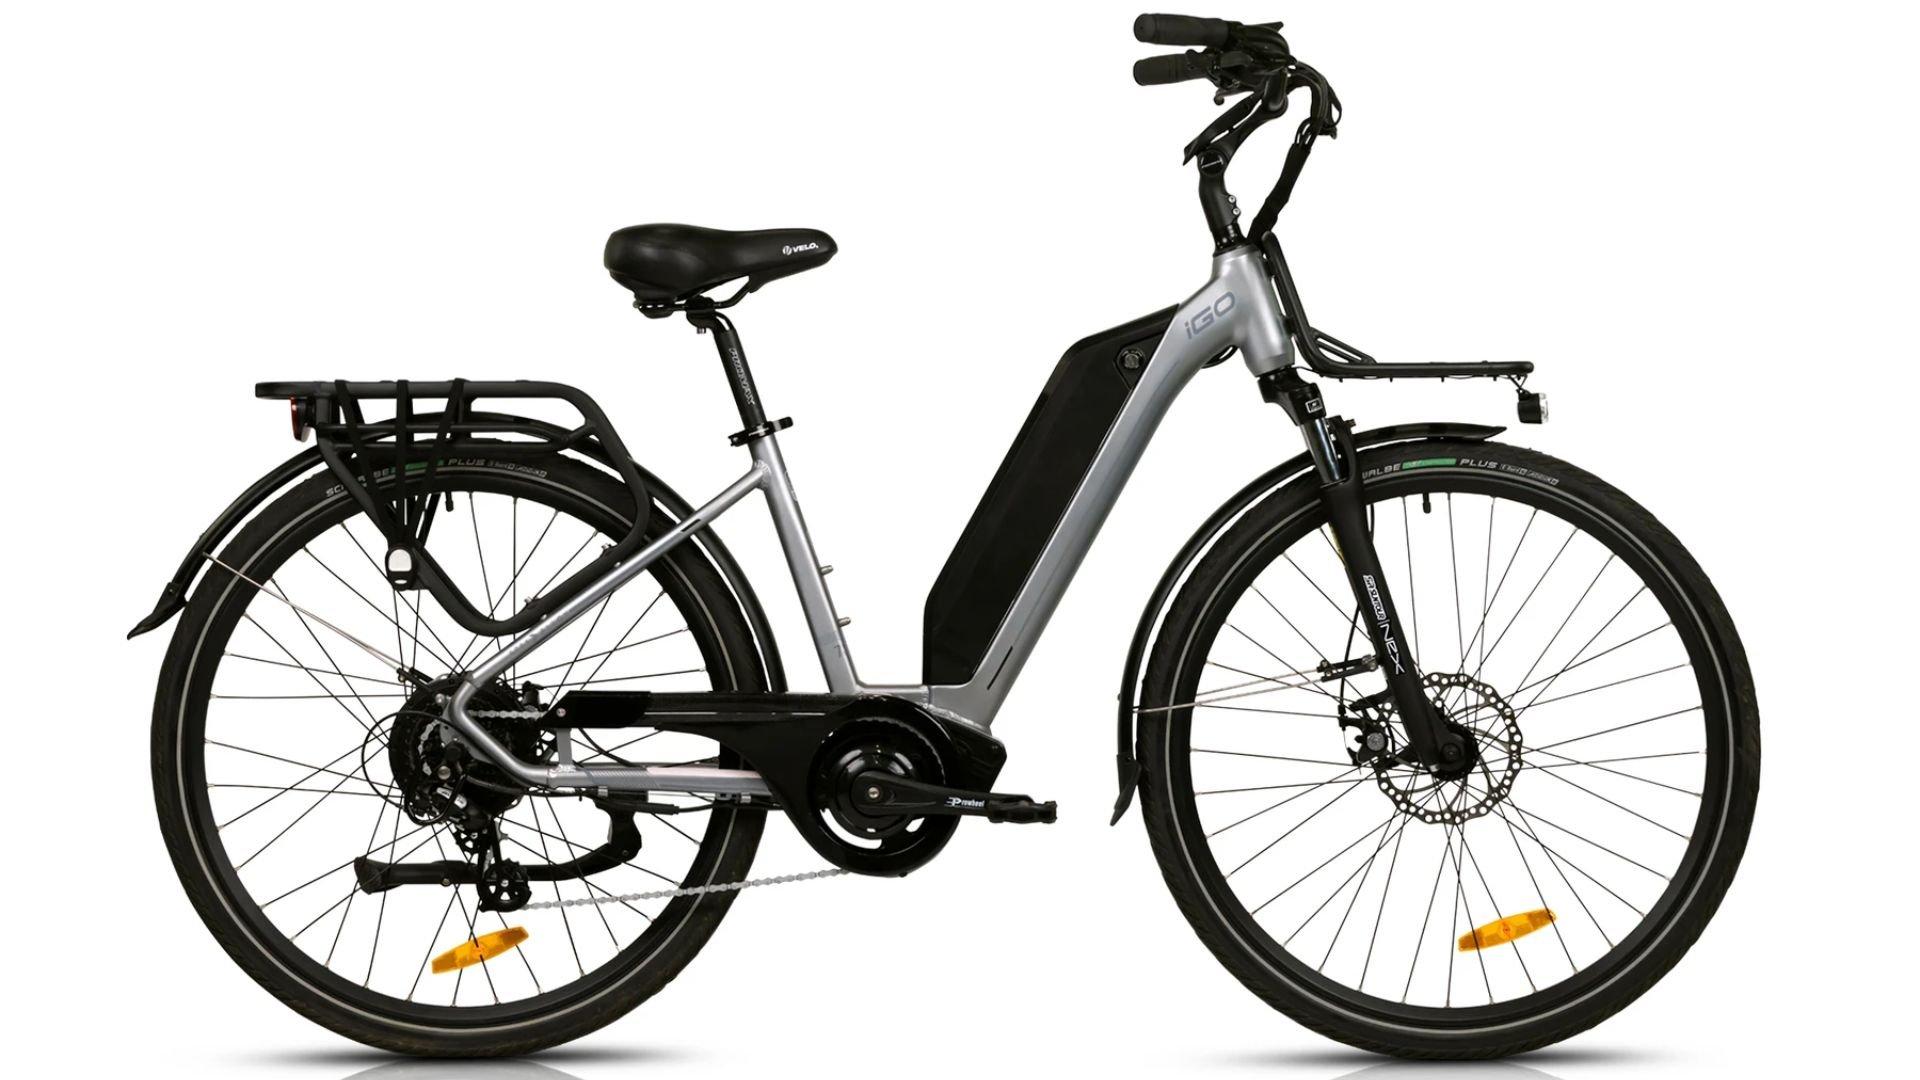 توديع فراق بضائع متنوعة يتملص صور دراجات هوائية - panda-vn.com